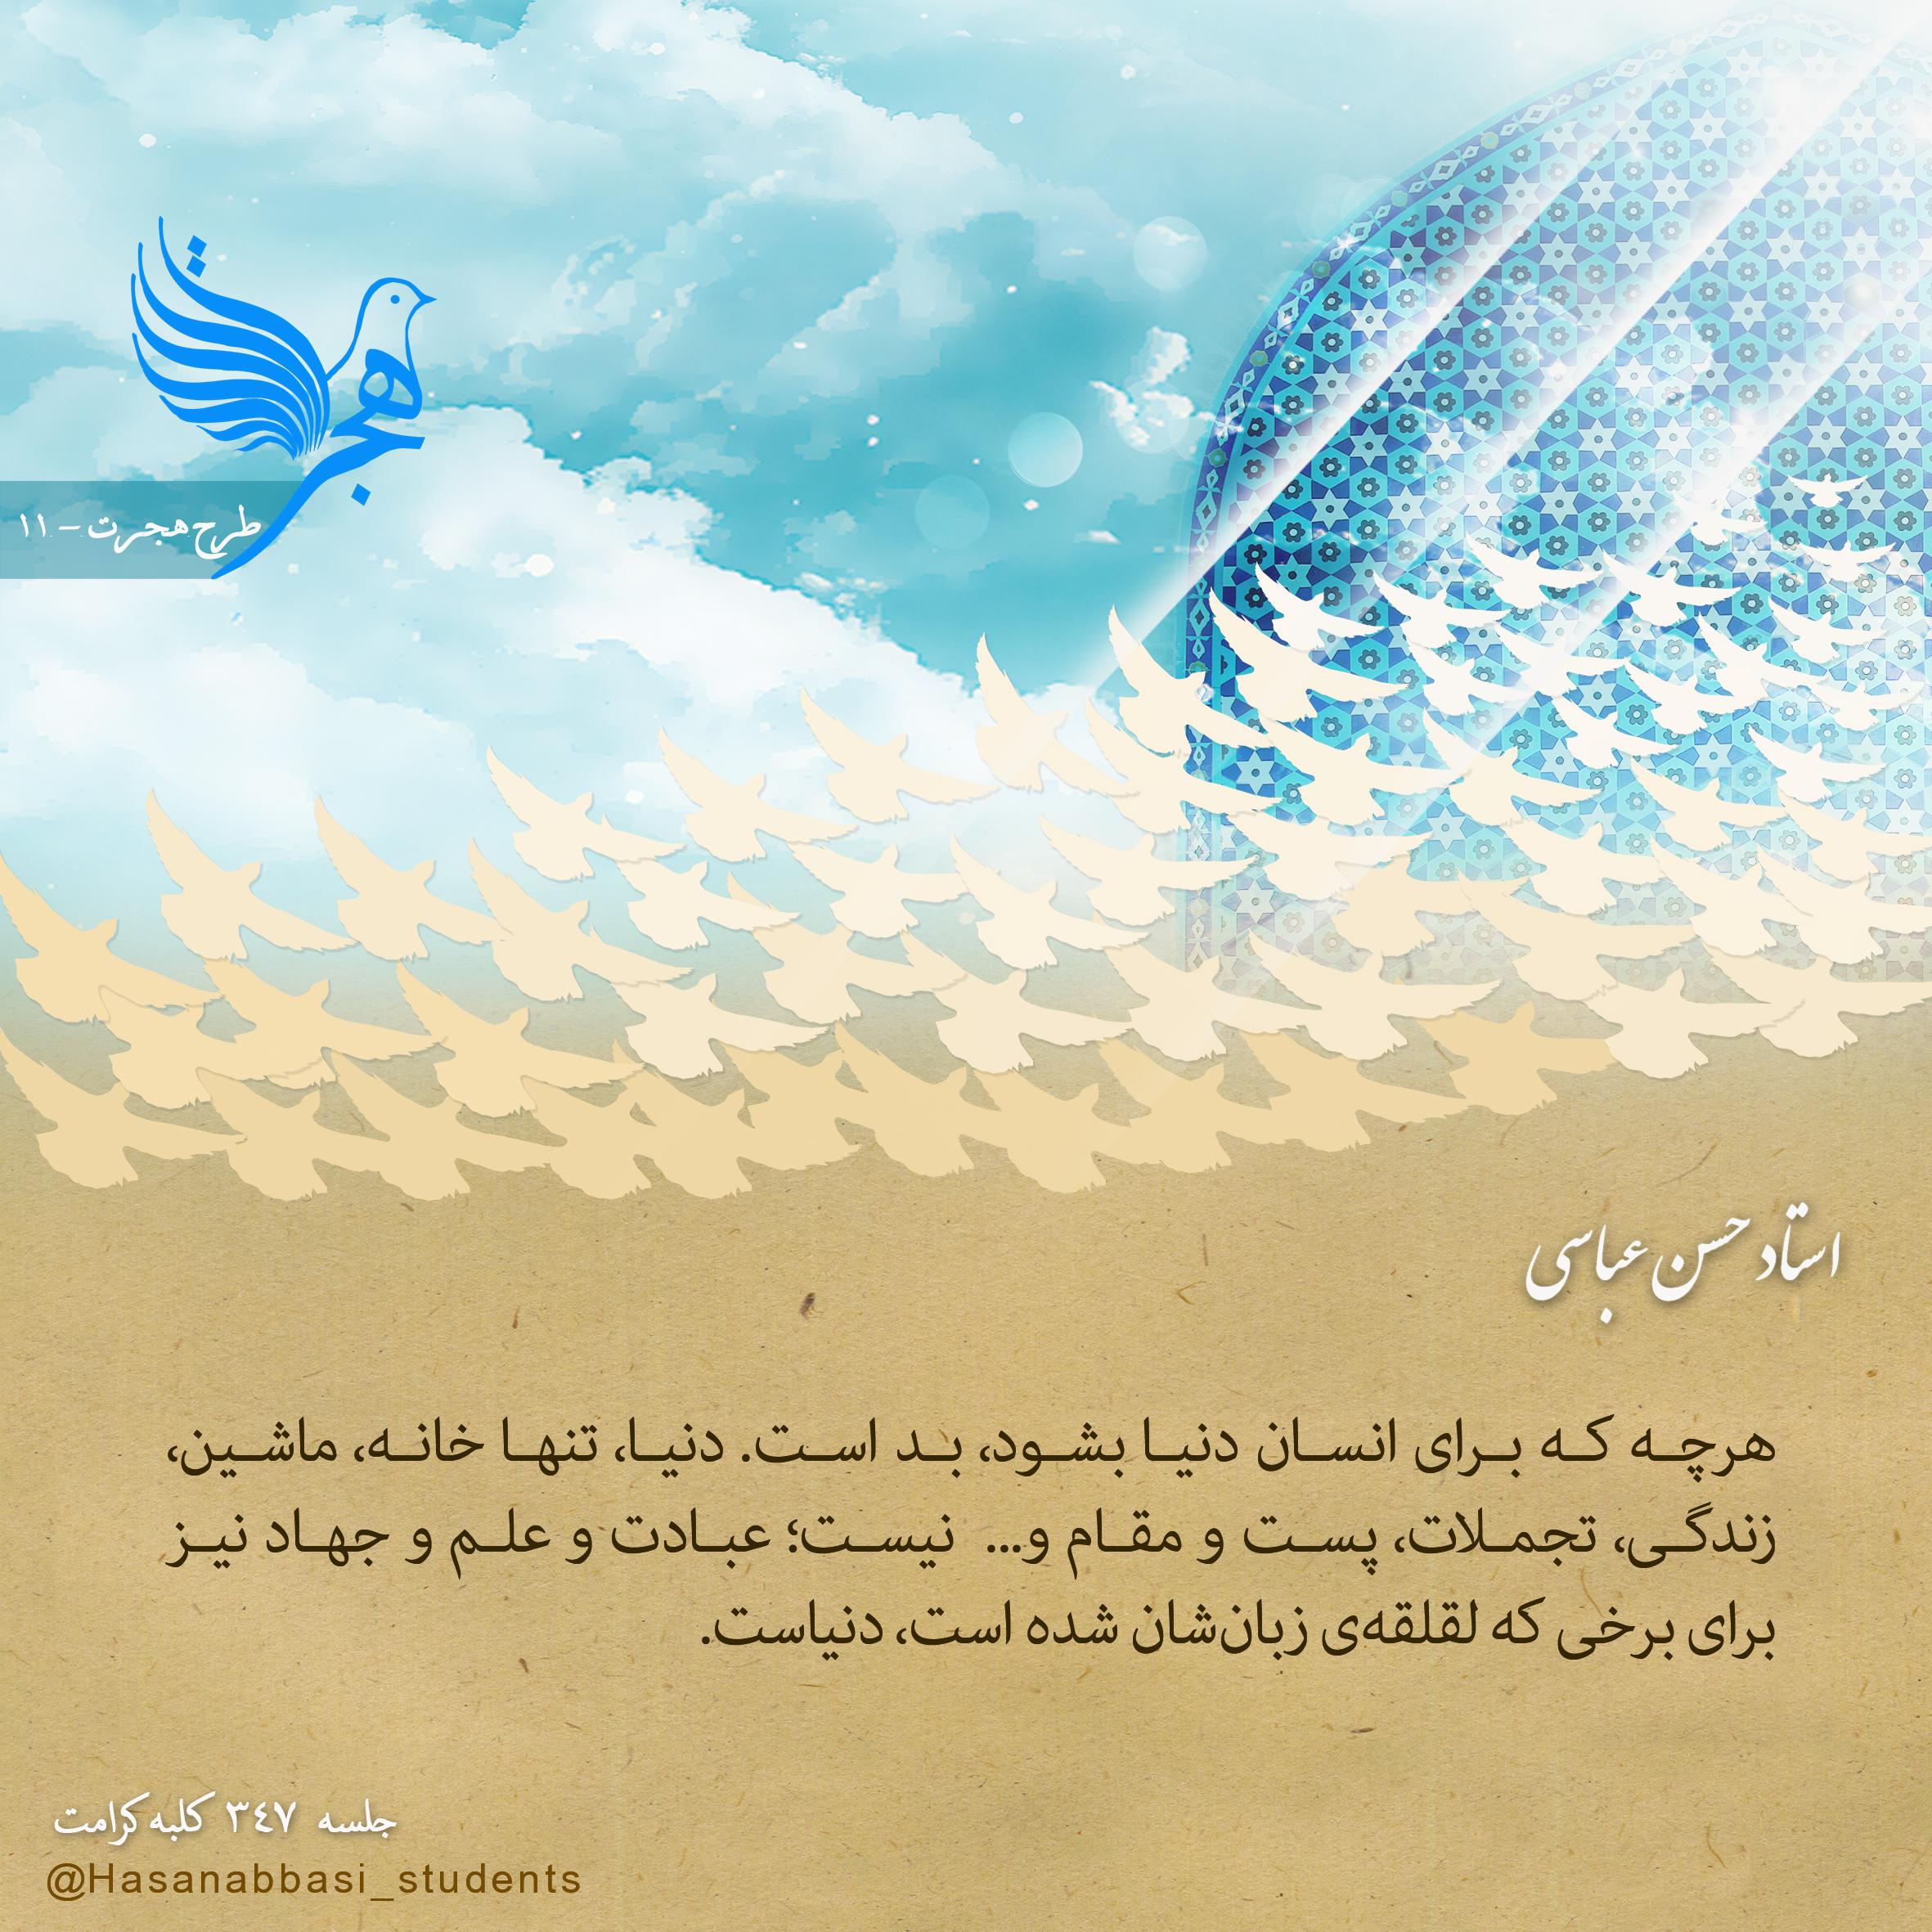 طرح هجرت 11 - «أَنَّمَا الْحَیَاهُ الدُّنْیَا لَعِبٌ وَلَهْوٌ وَزِینَهٌ وَتَفَاخُرٌ بَیْنَکُمْ وَ تَکَاثُرٌ...»